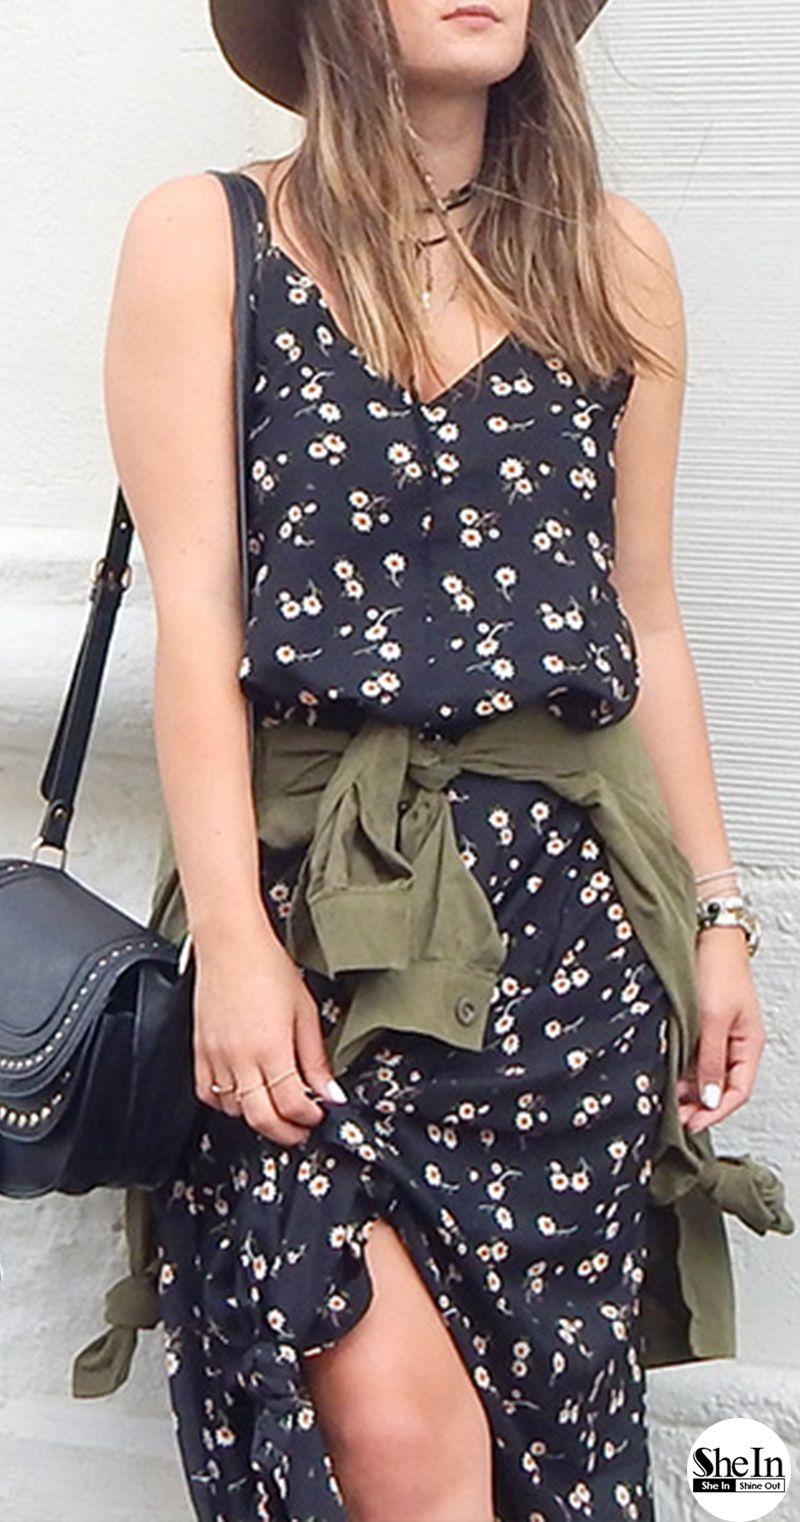 Plunging V Neckline Floral Cami Dress Black Braces Houndstooth